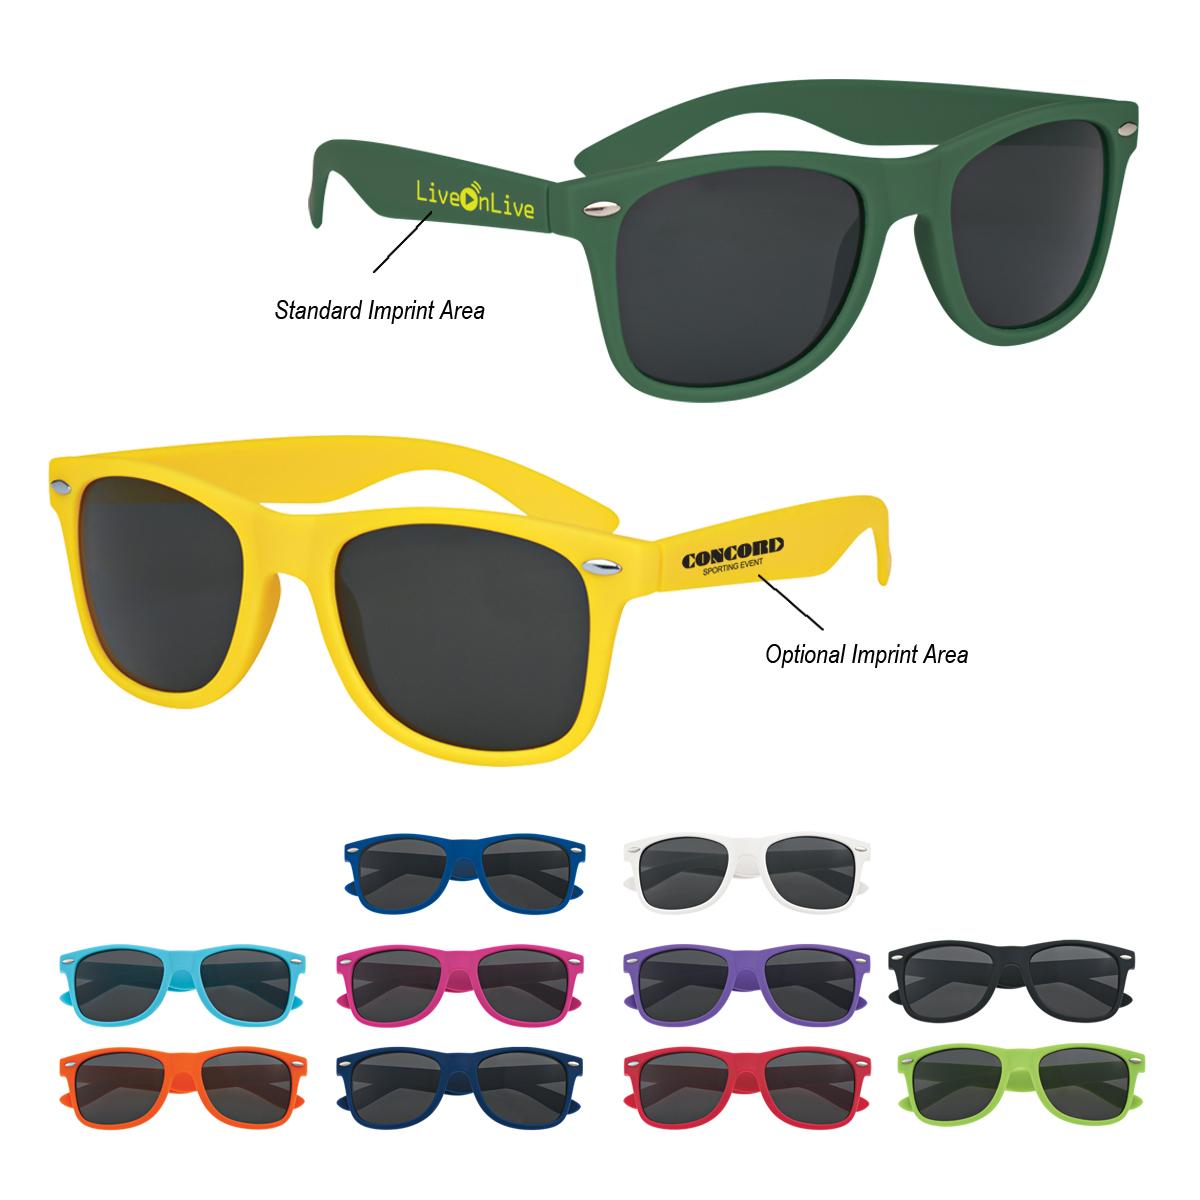 deab626c088  CM 6236 Velvet Touch Malibu Sunglasses